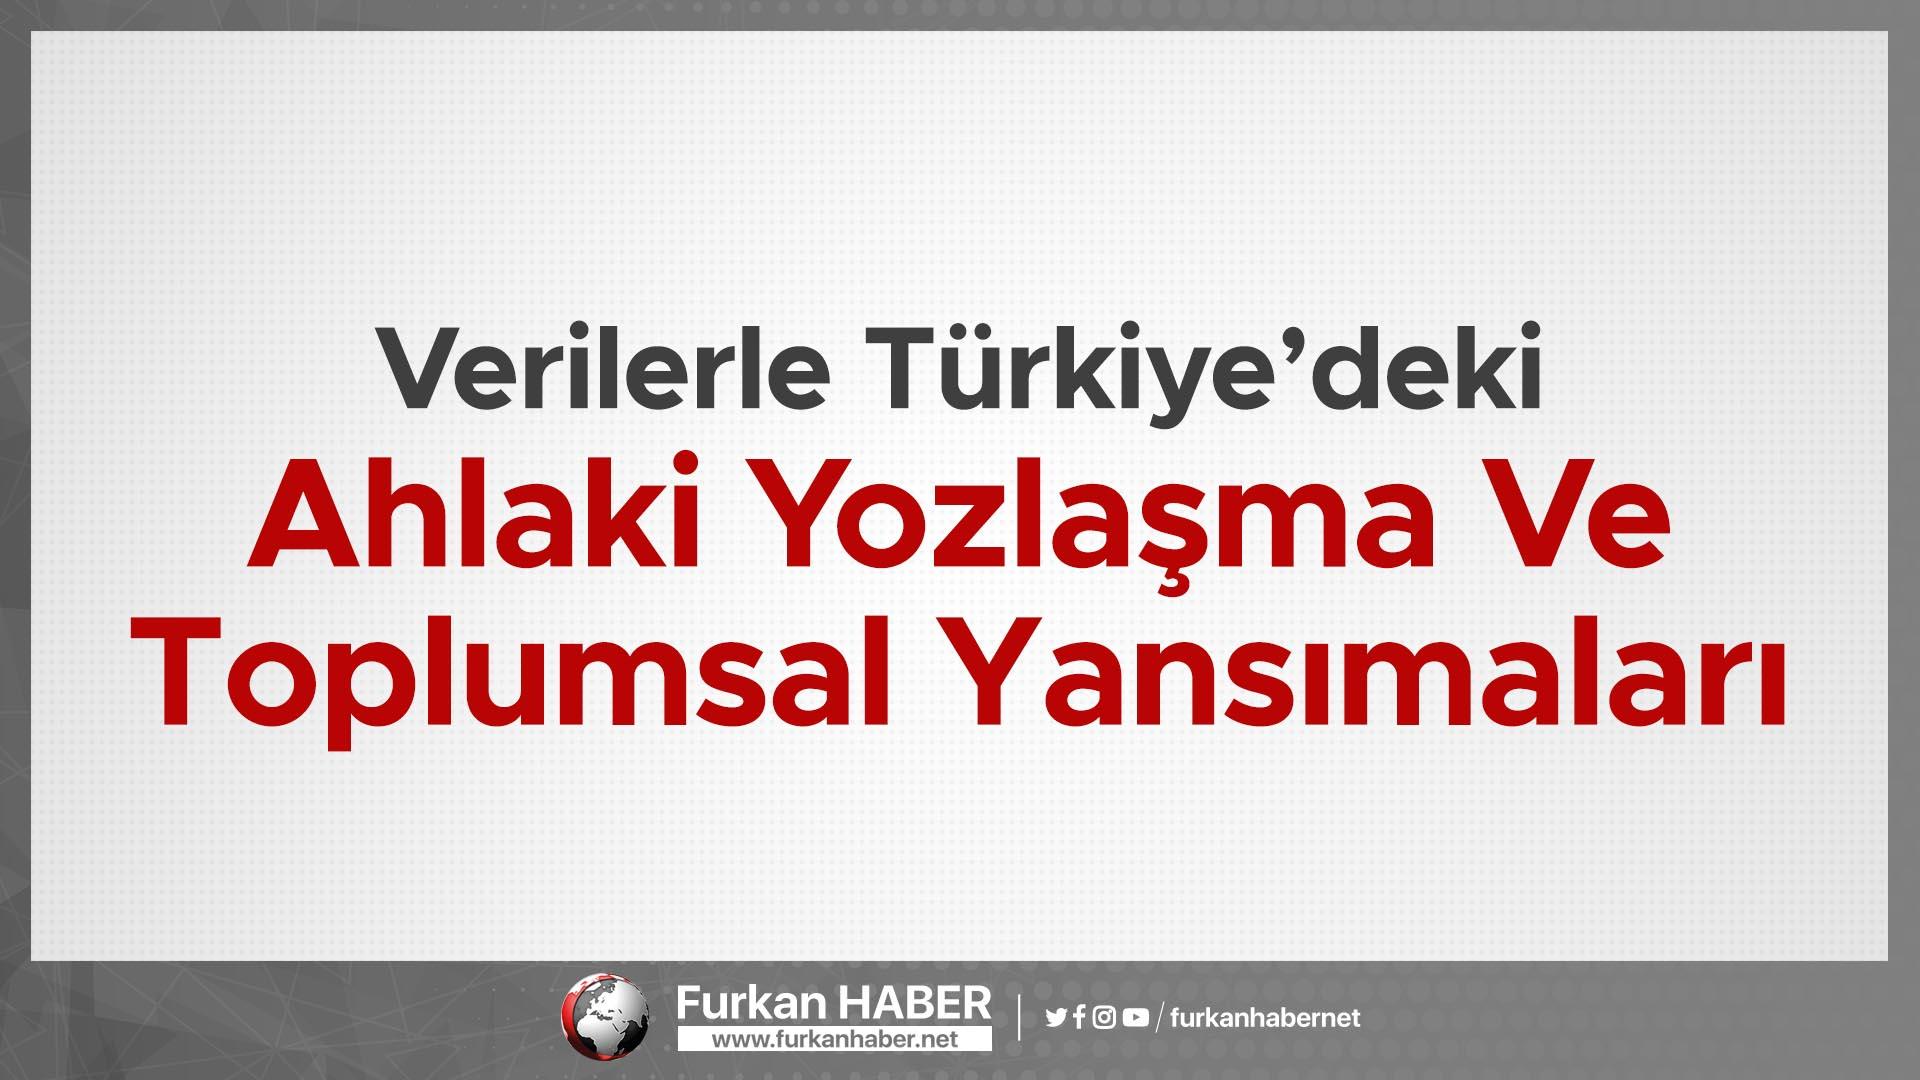 Verilerle Türkiye'deki Ahlaki Yozlaşma Ve Toplumsal Yansımaları